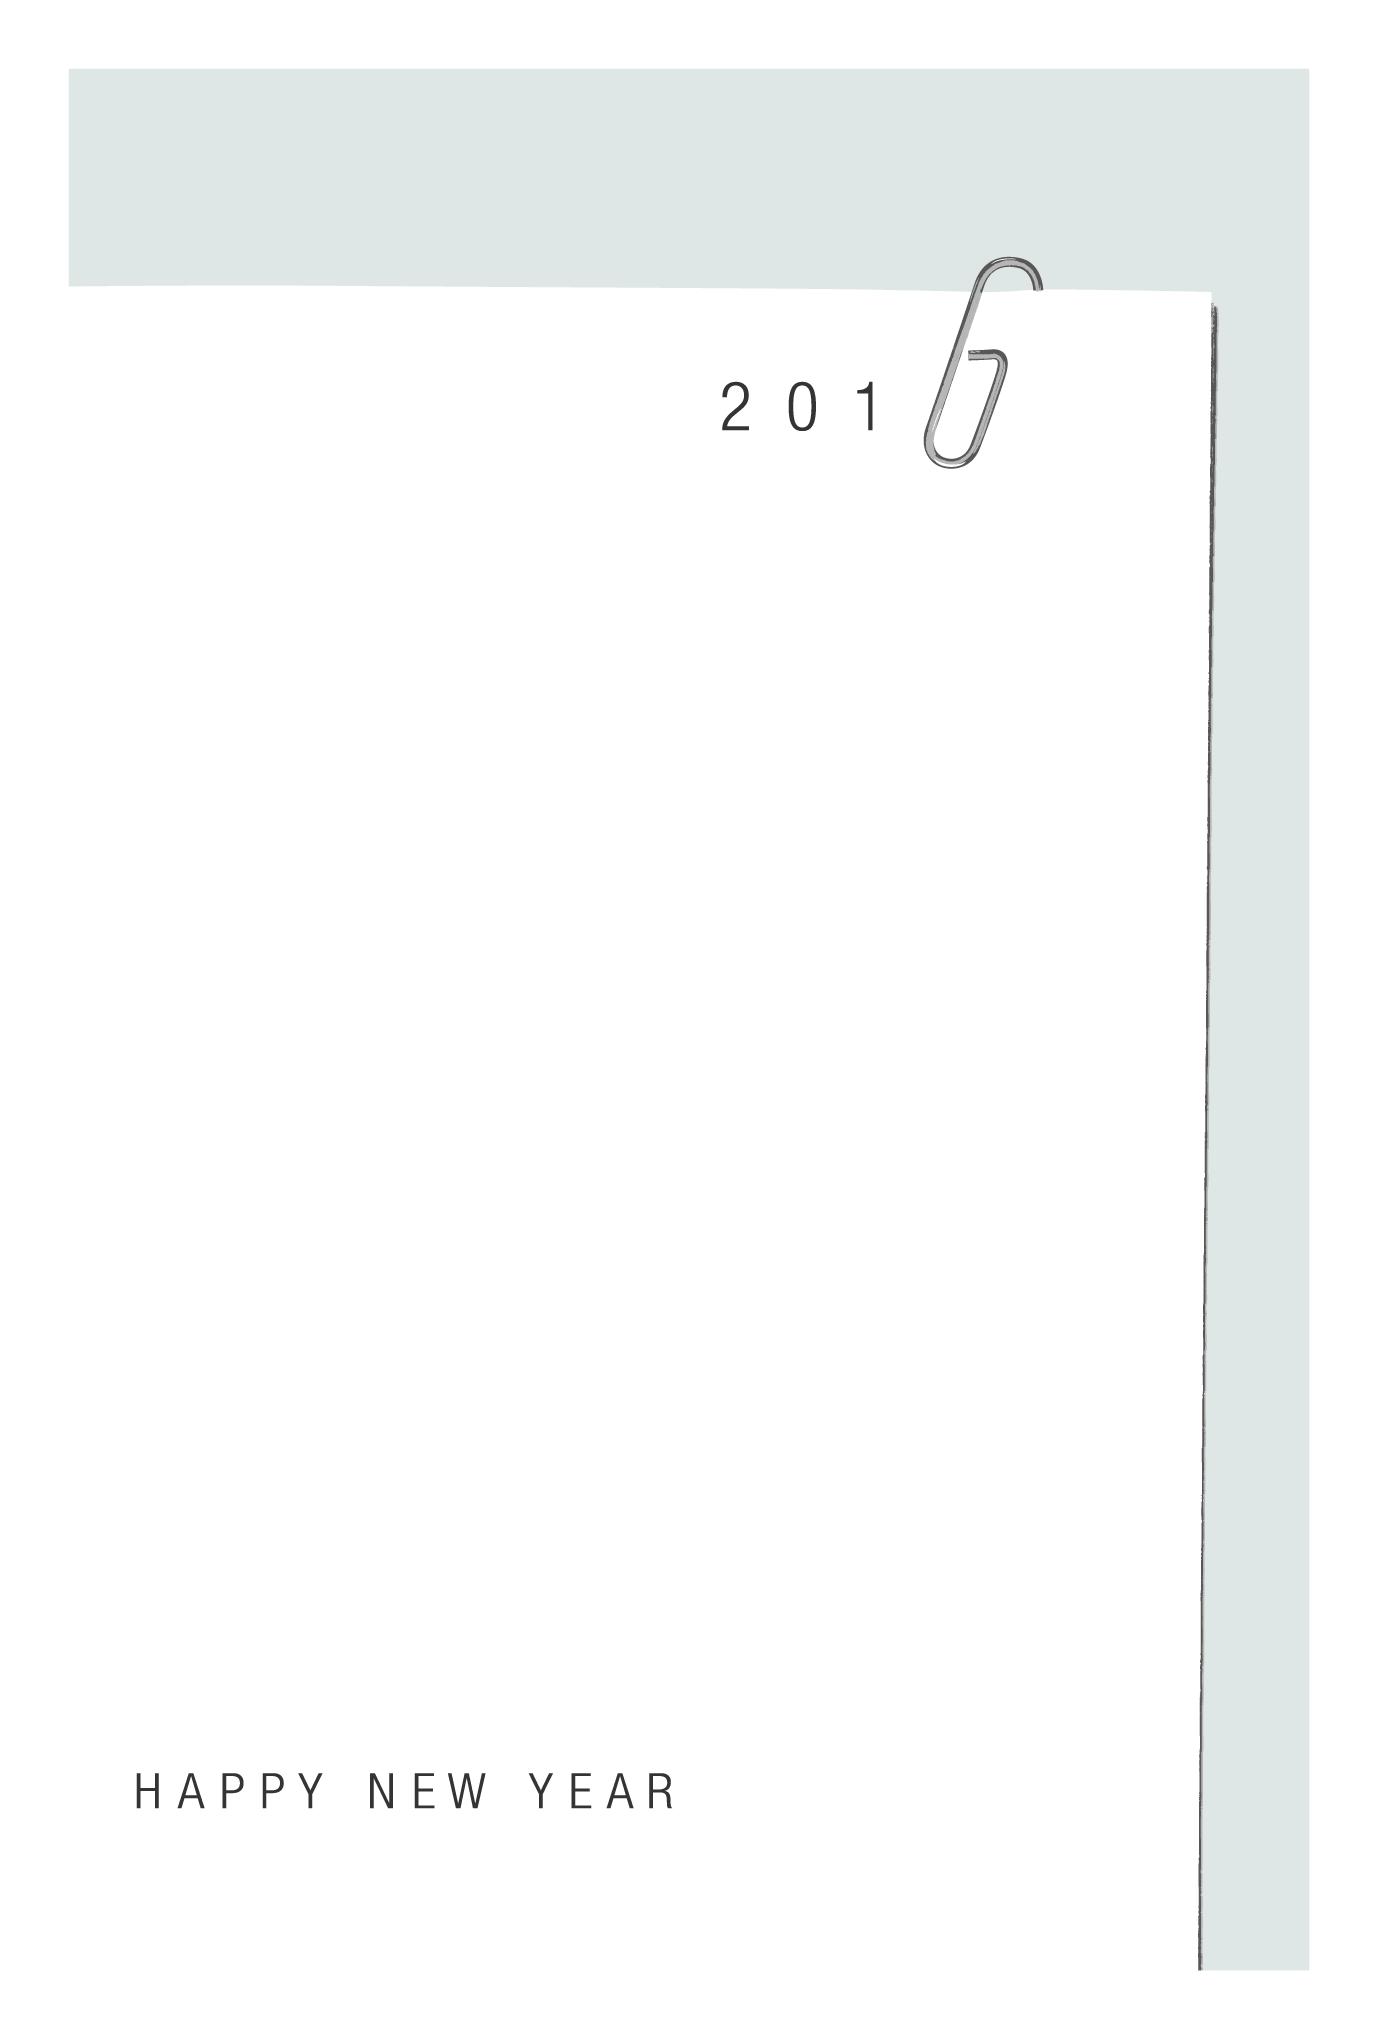 2016年賀状16-2:Clipped 2016 / 縦 2のダウンロード画像